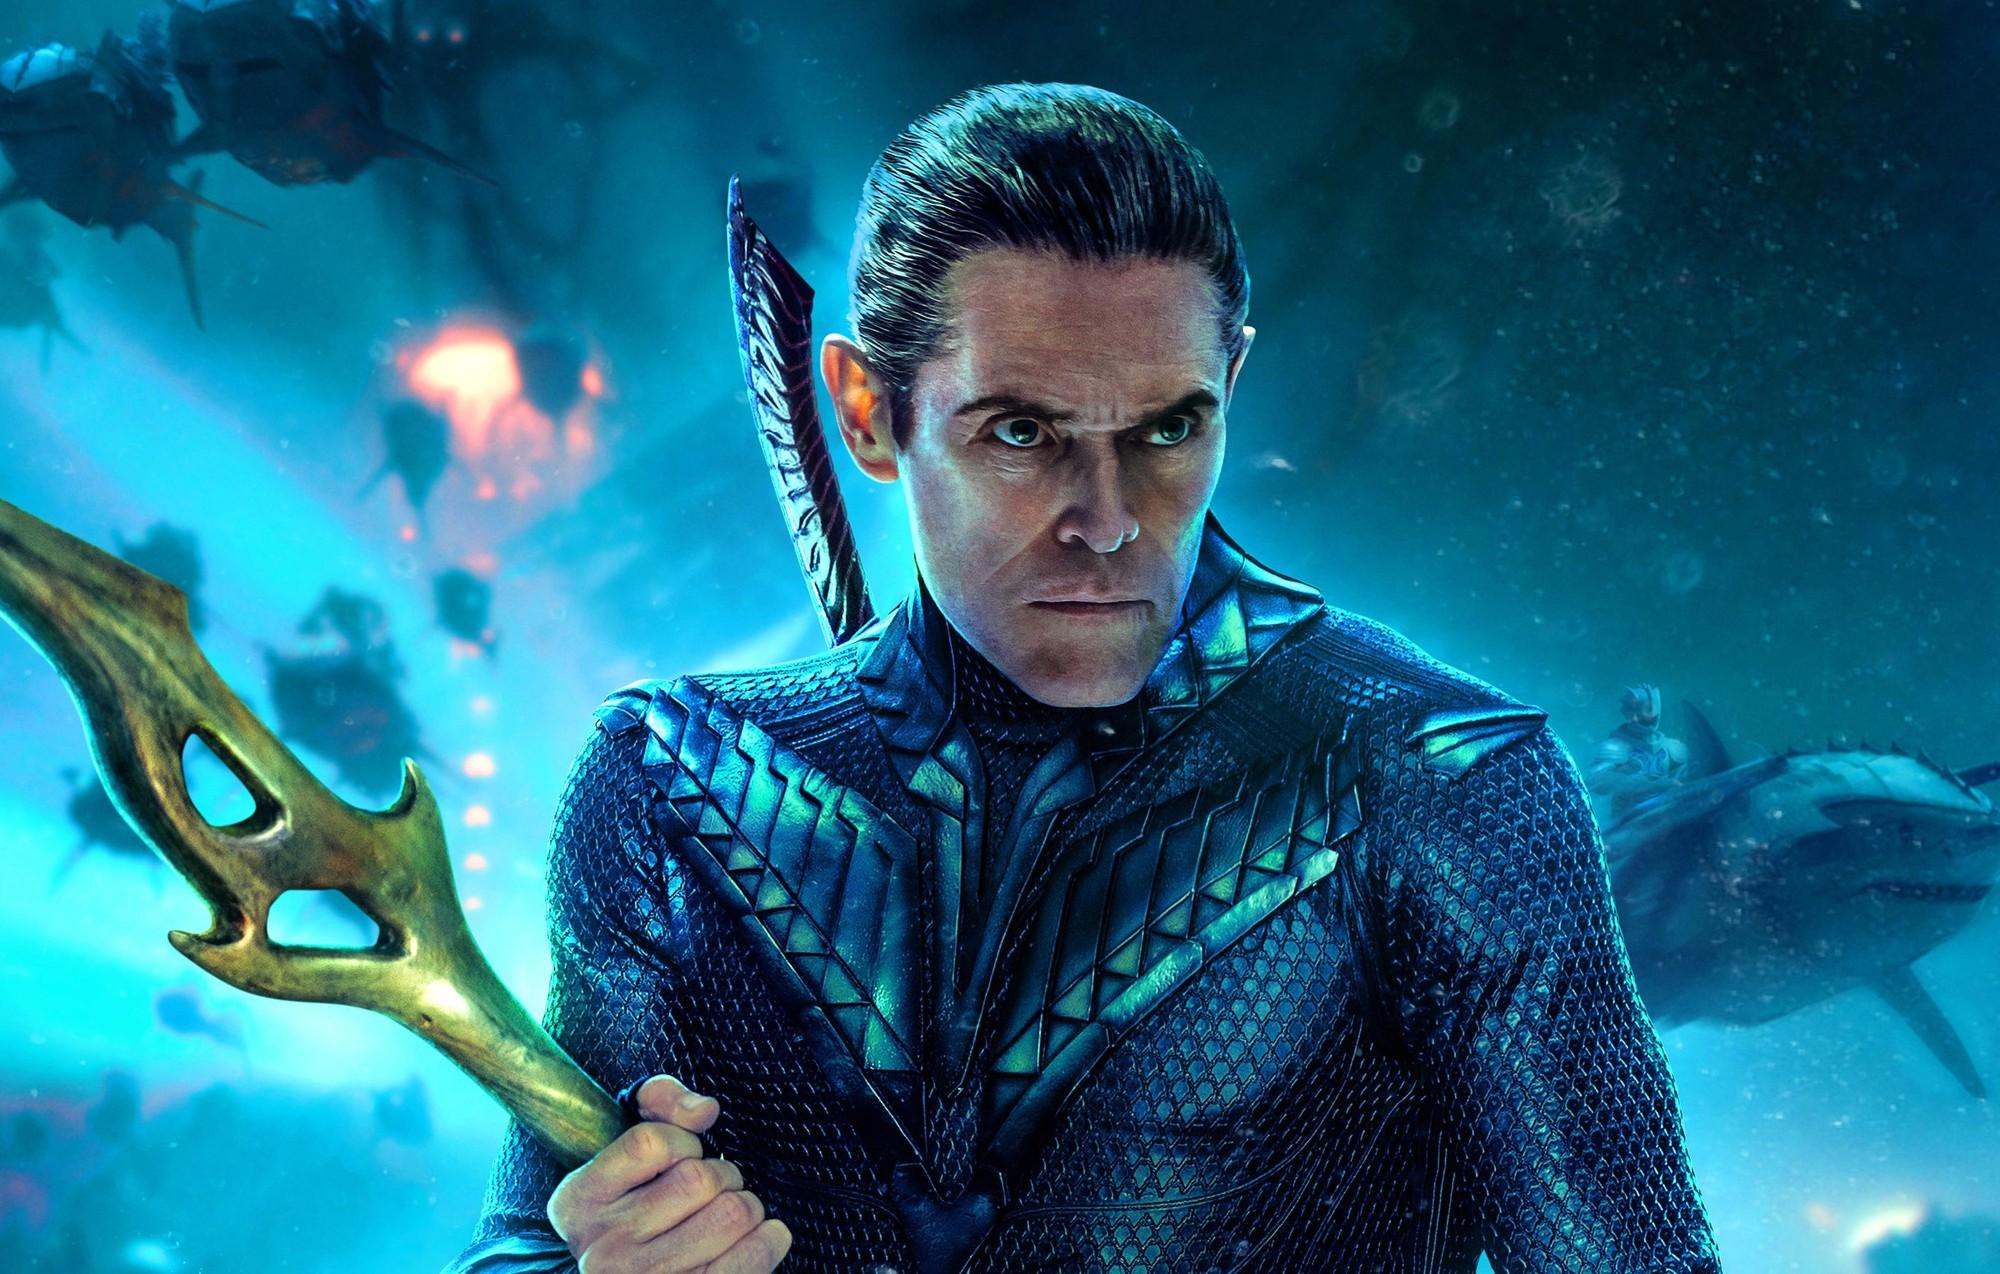 Thất Hải Chi Vương Aquaman: Hành trình từ chàng thanh niên bị coi thường tới Bá chủ biển cả - Ảnh 36.